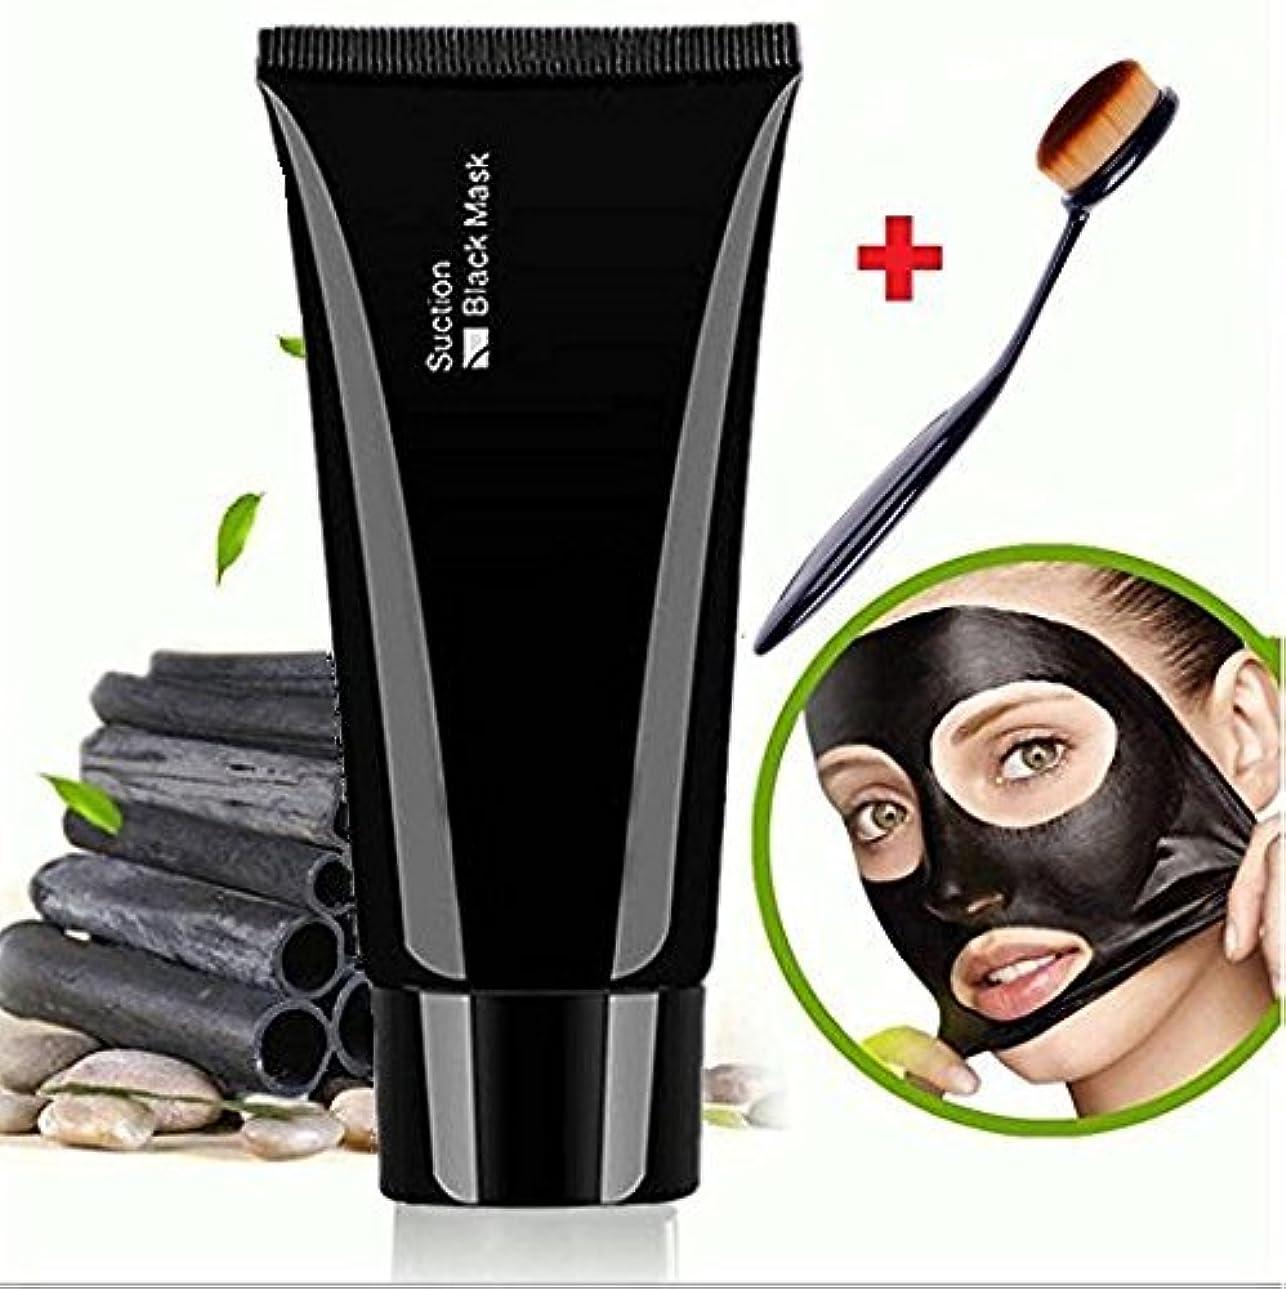 しかし干渉するイーウェルFacial Mask Black, Face Apeel Cleansing Mask Deep Cleanser Blackhead Acne Remover Peel off Mask + Oval Brush